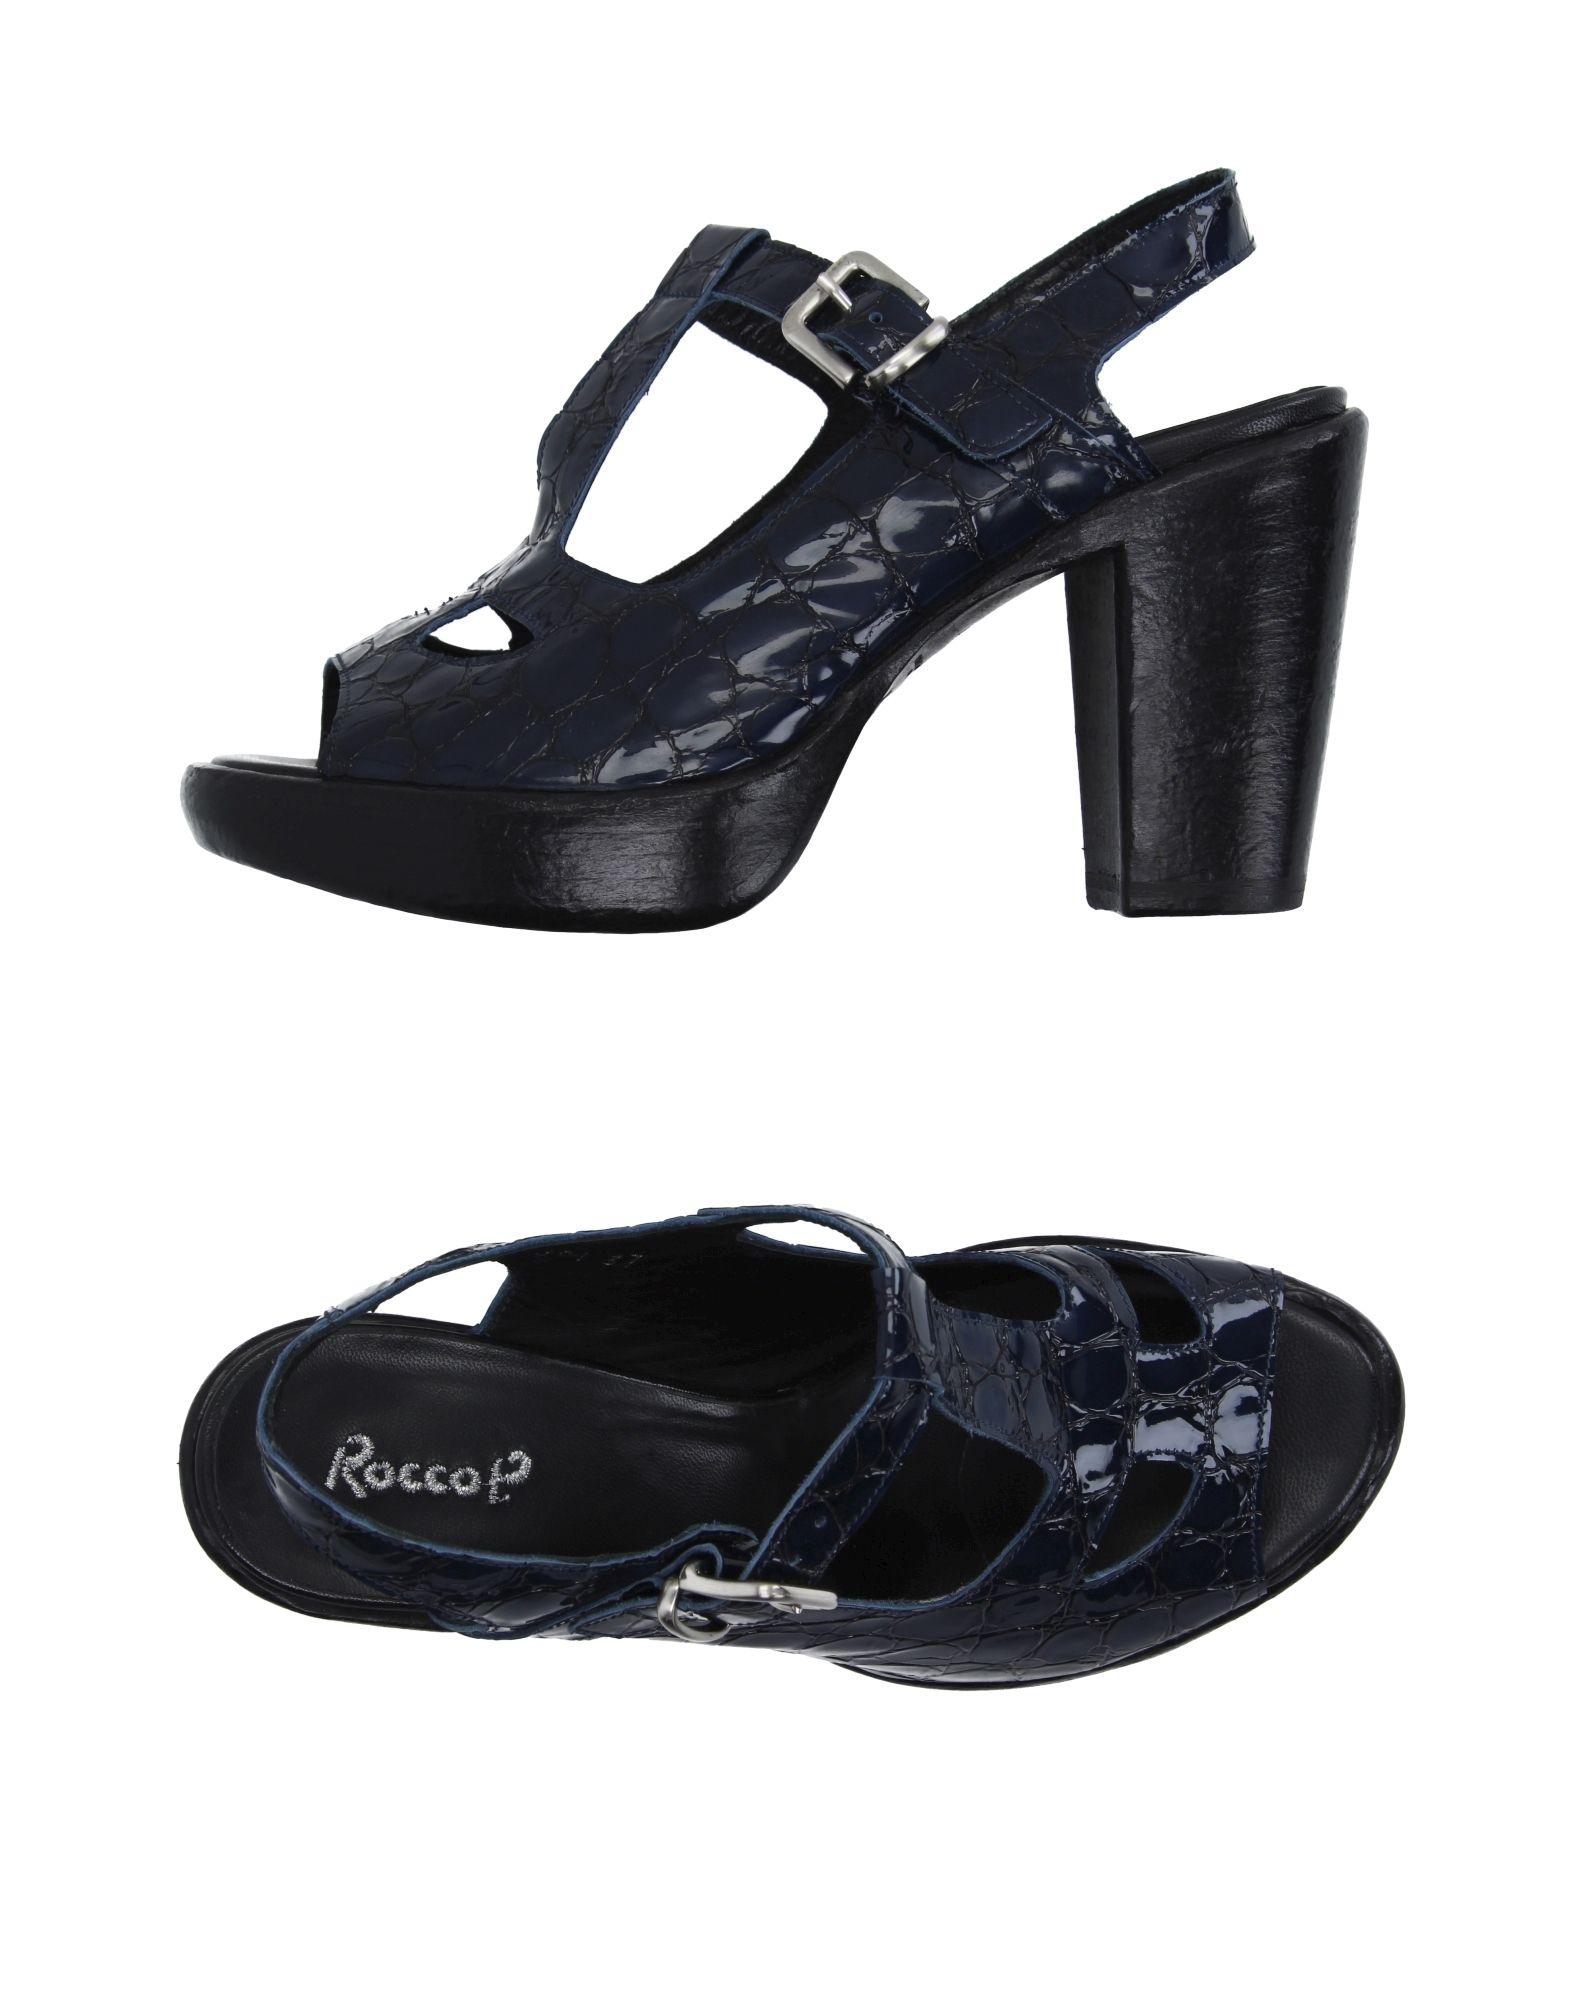 Sneakers Dooa Uomo - 11395588WB Scarpe economiche e buone